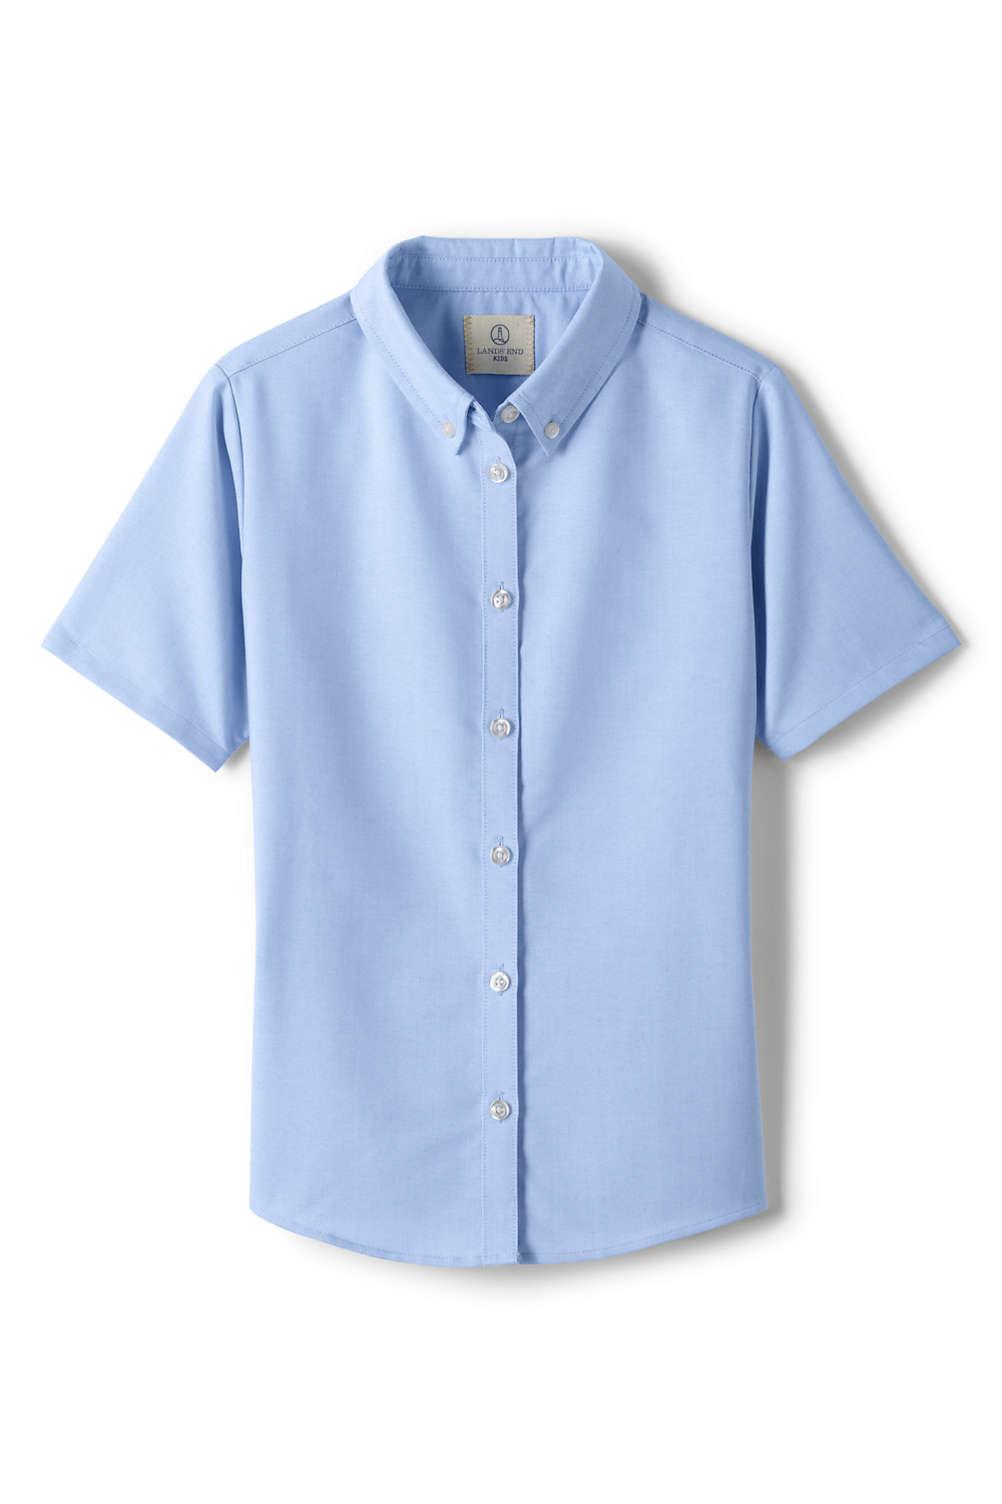 e98734d7b450 School Uniform Short Sleeve Oxford from Lands  End